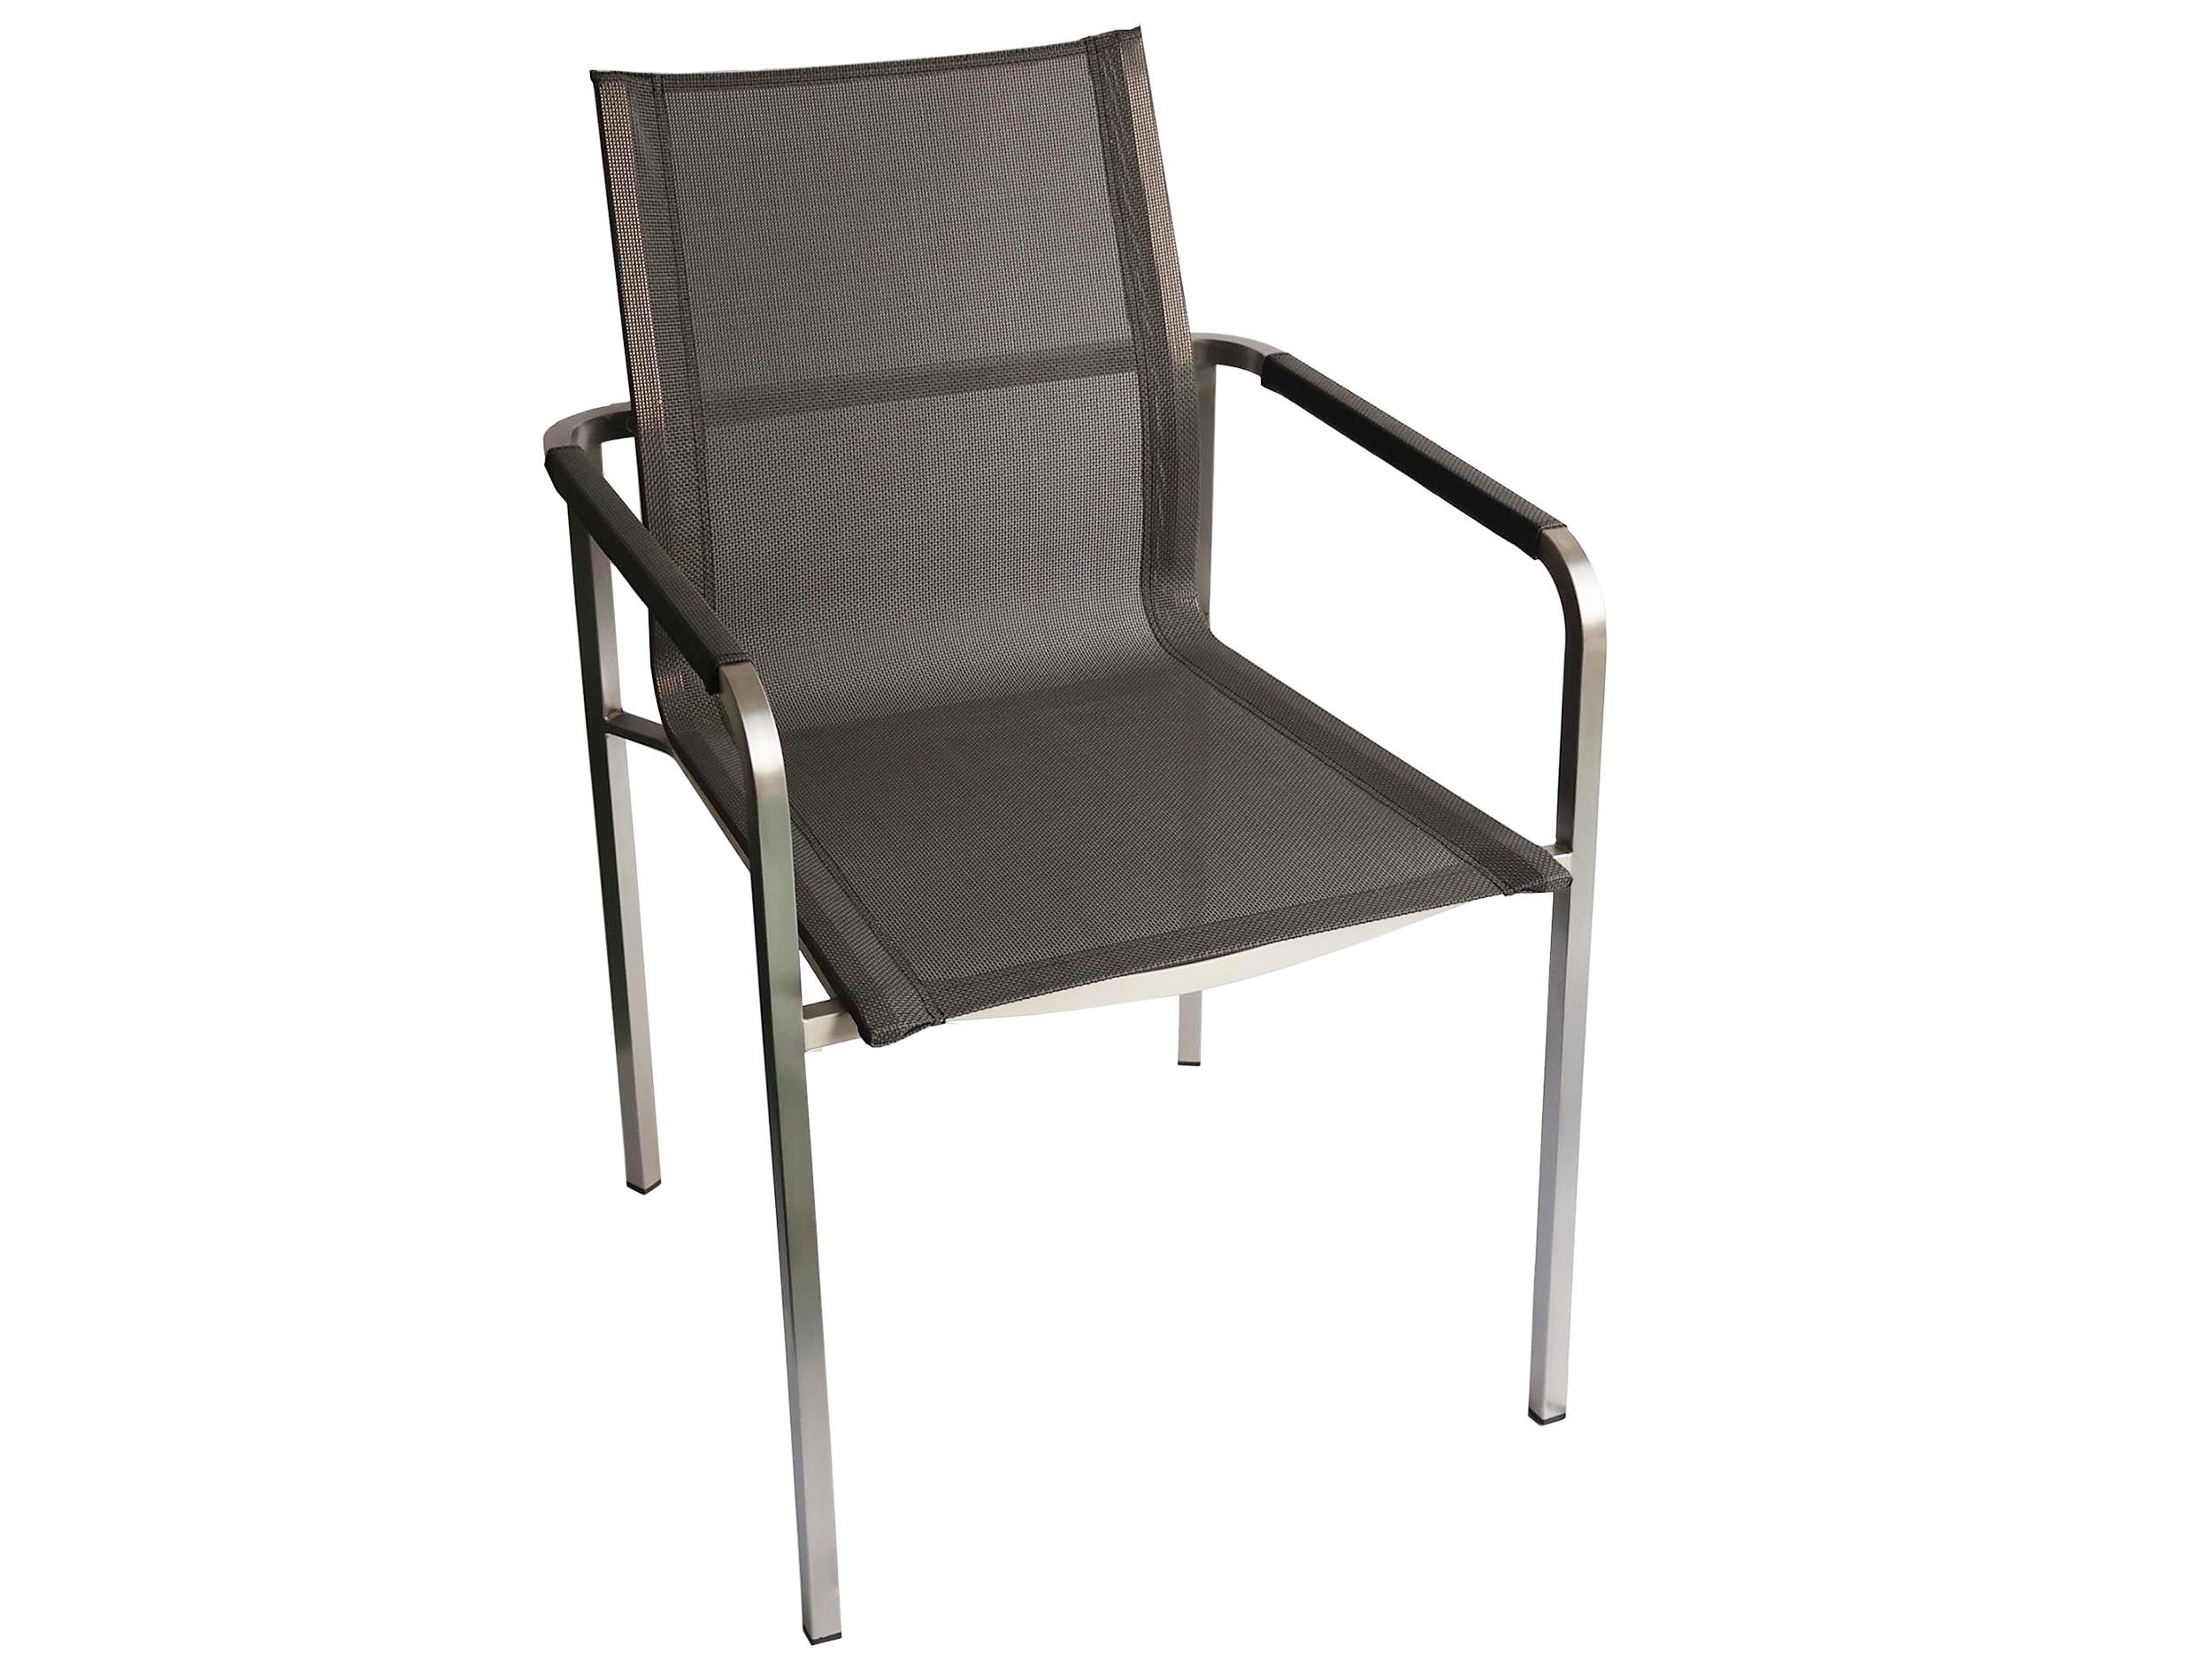 kettler stapelsessel feel edelstahl outdoorgewebe. Black Bedroom Furniture Sets. Home Design Ideas